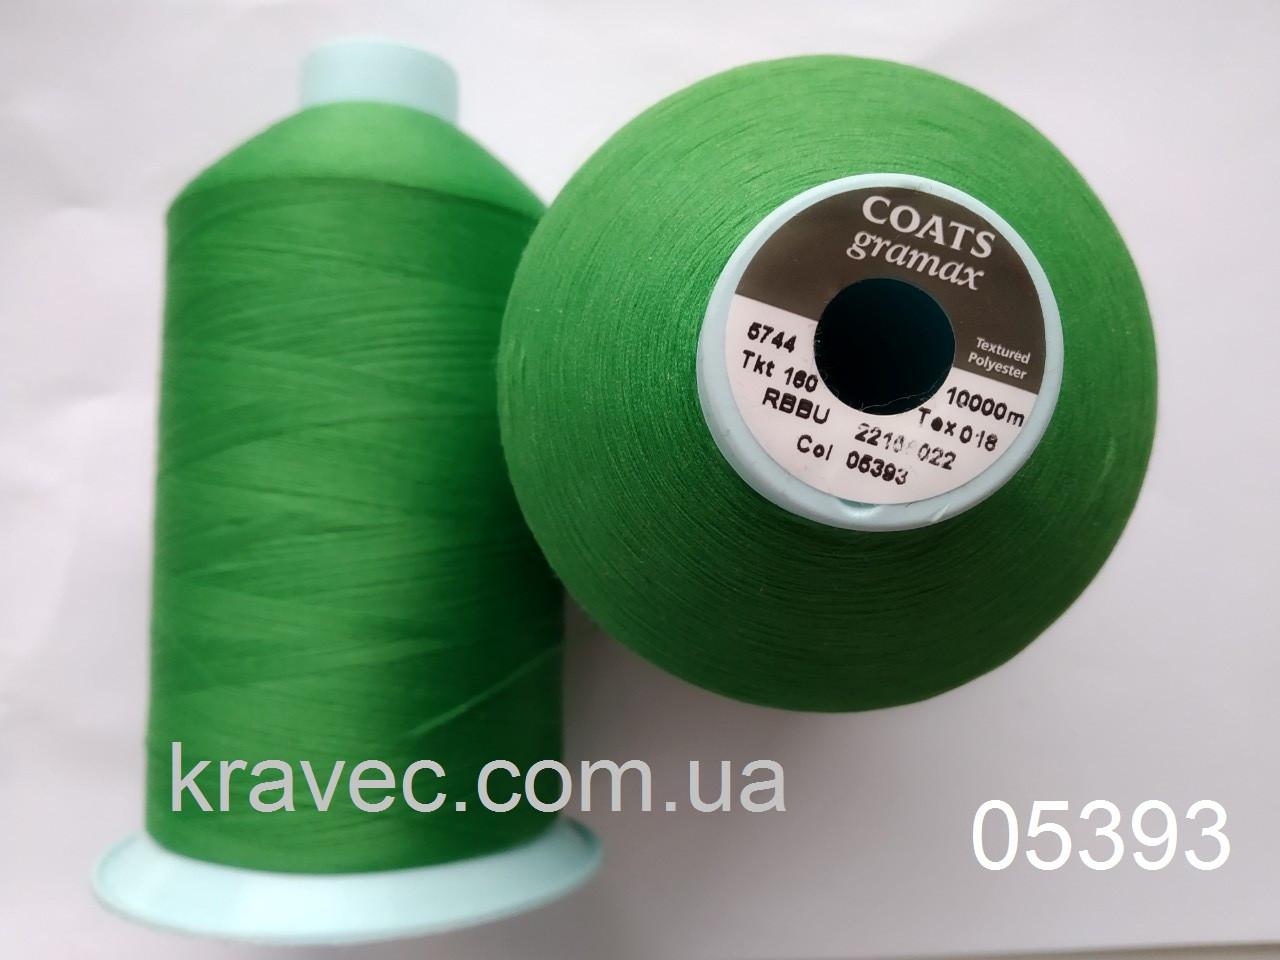 Текстурована нитка Coats gramax 05393/160/ 10000м